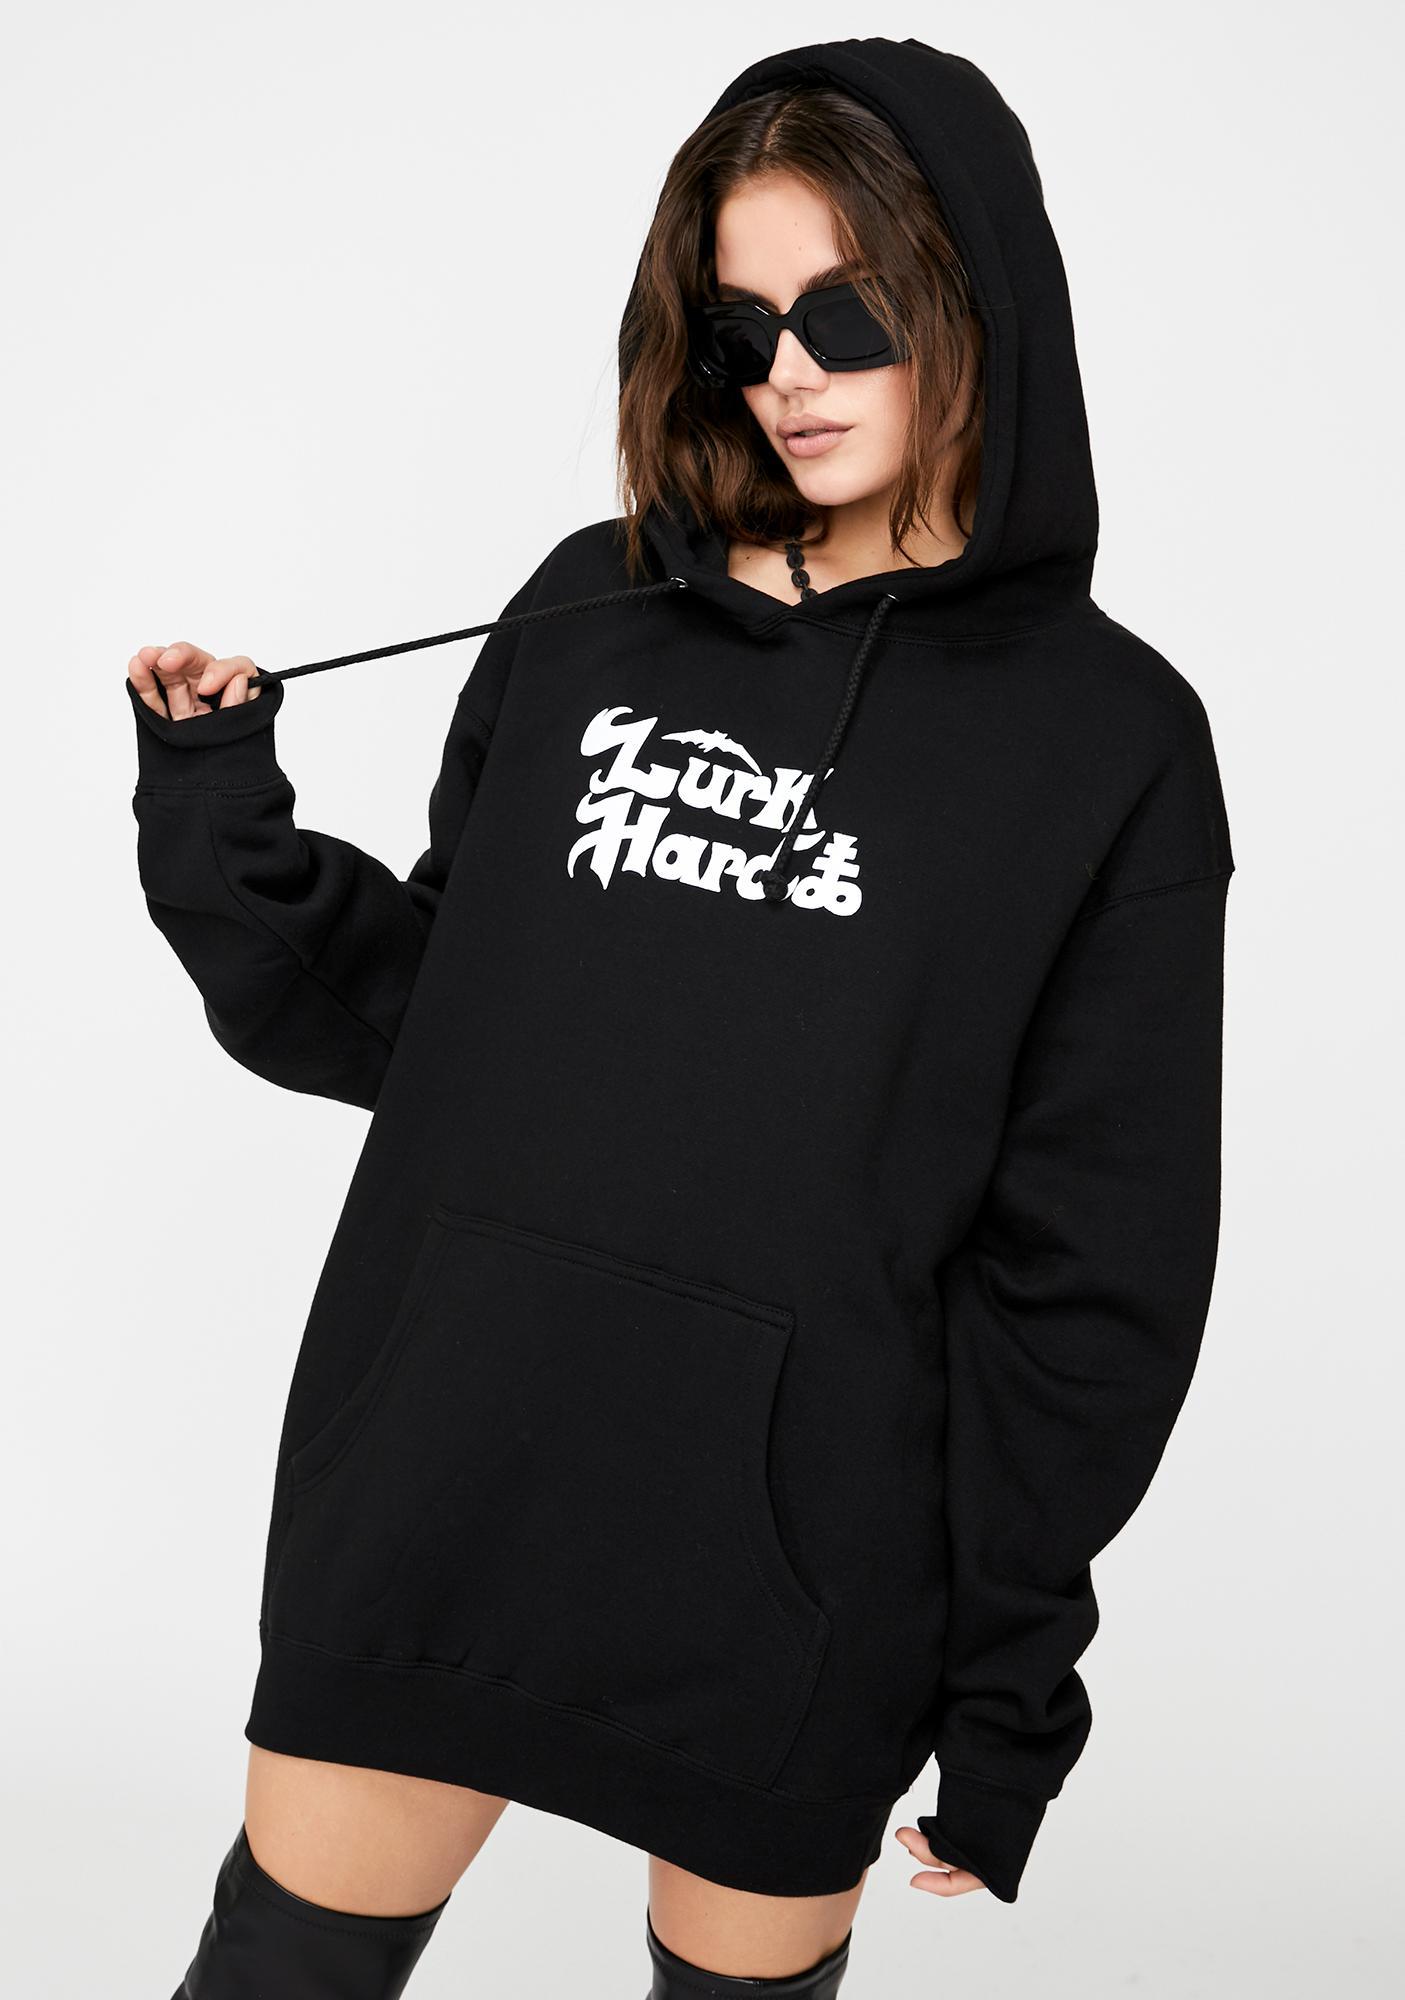 Lurk Hard Black Diamond Pullover Hoodie